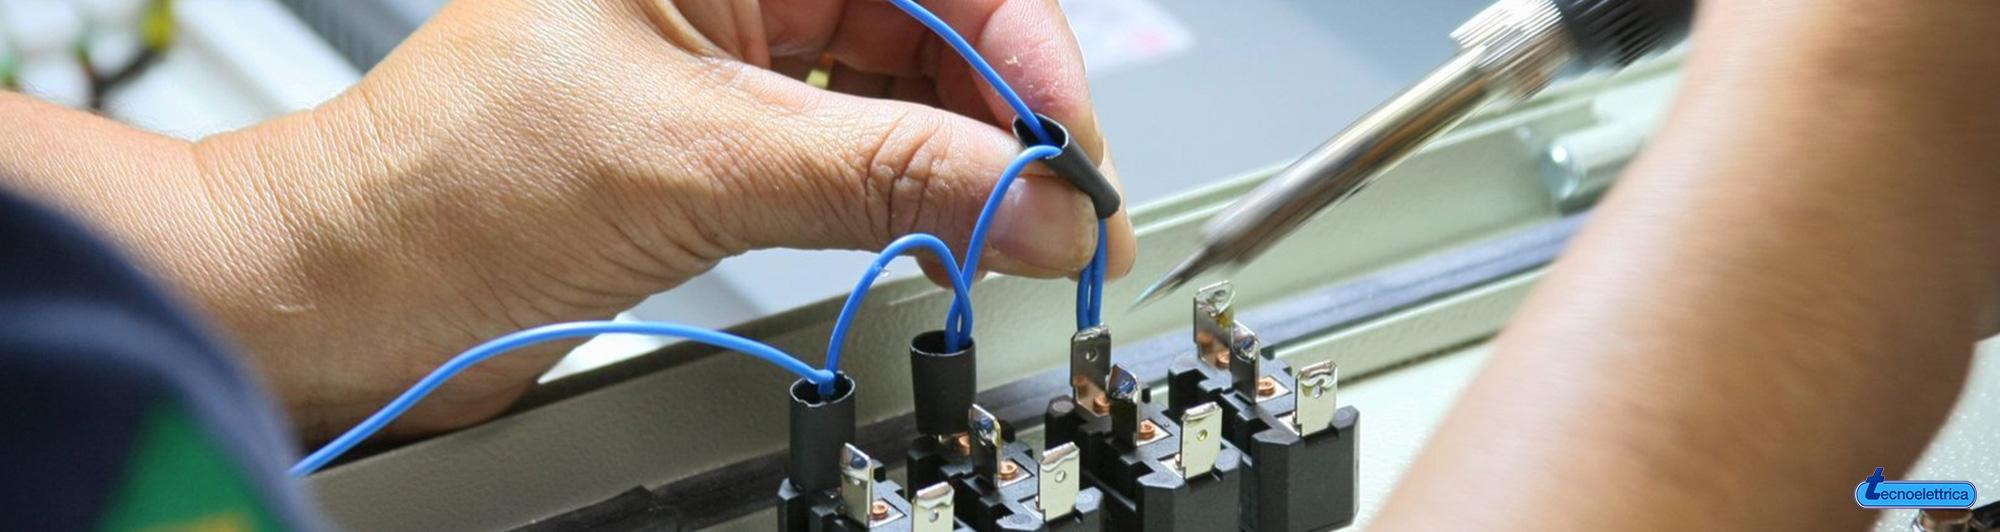 Manutenzioni-e-riparazioni-elettriche